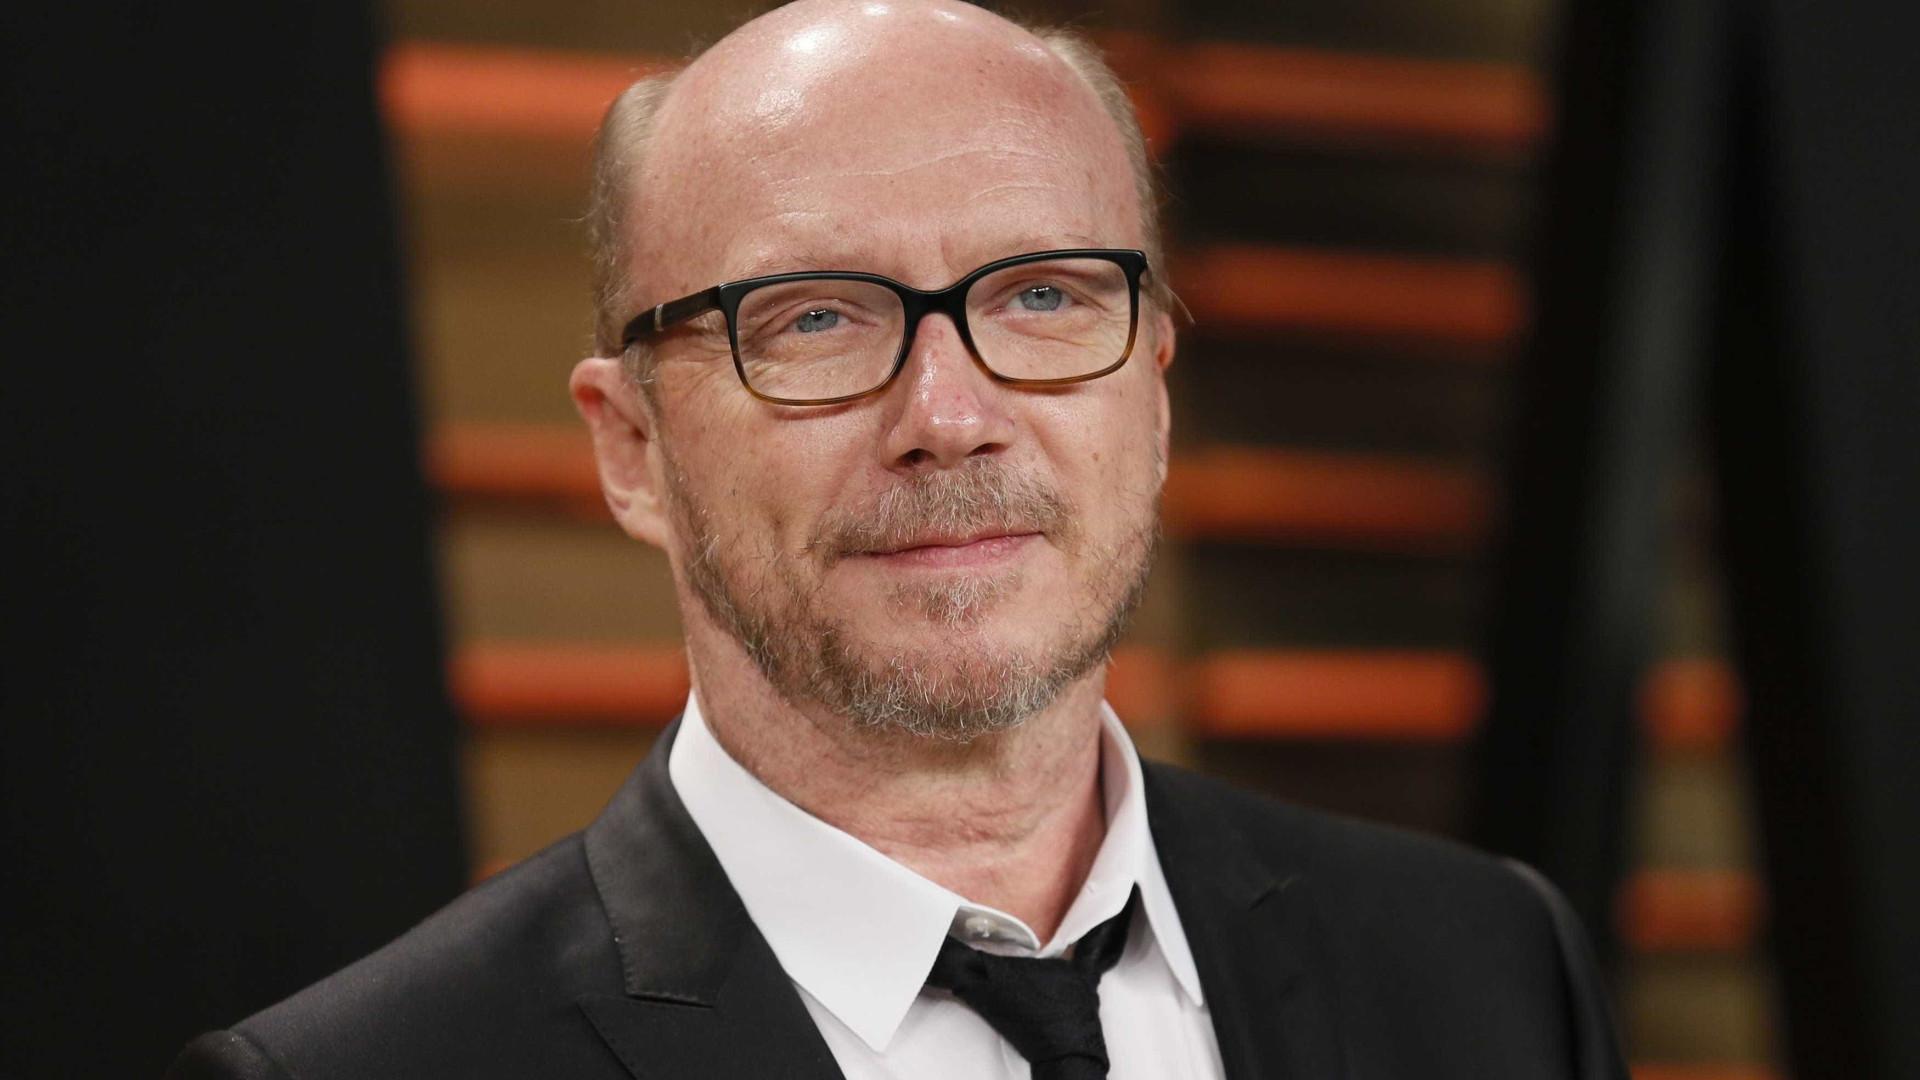 Cineasta ganhador do Oscar é acusado de assédio sexual por diversas mulheres